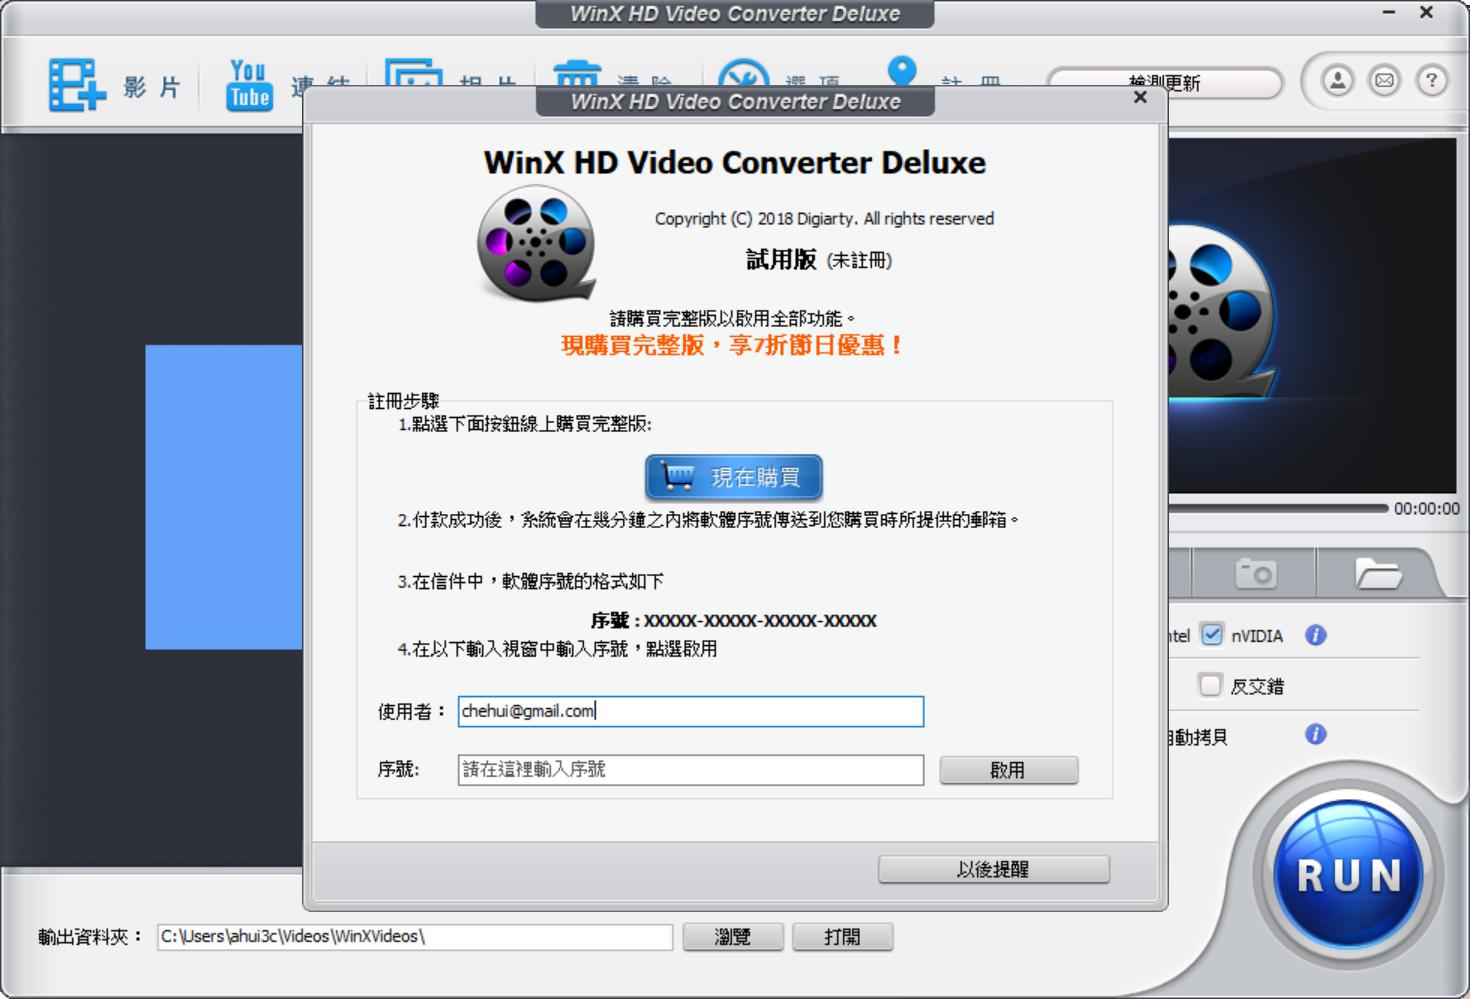 [限免] 影音轉檔軟體 WinX HD Video Converter Deluxe 限時免費 @3C 達人廖阿輝